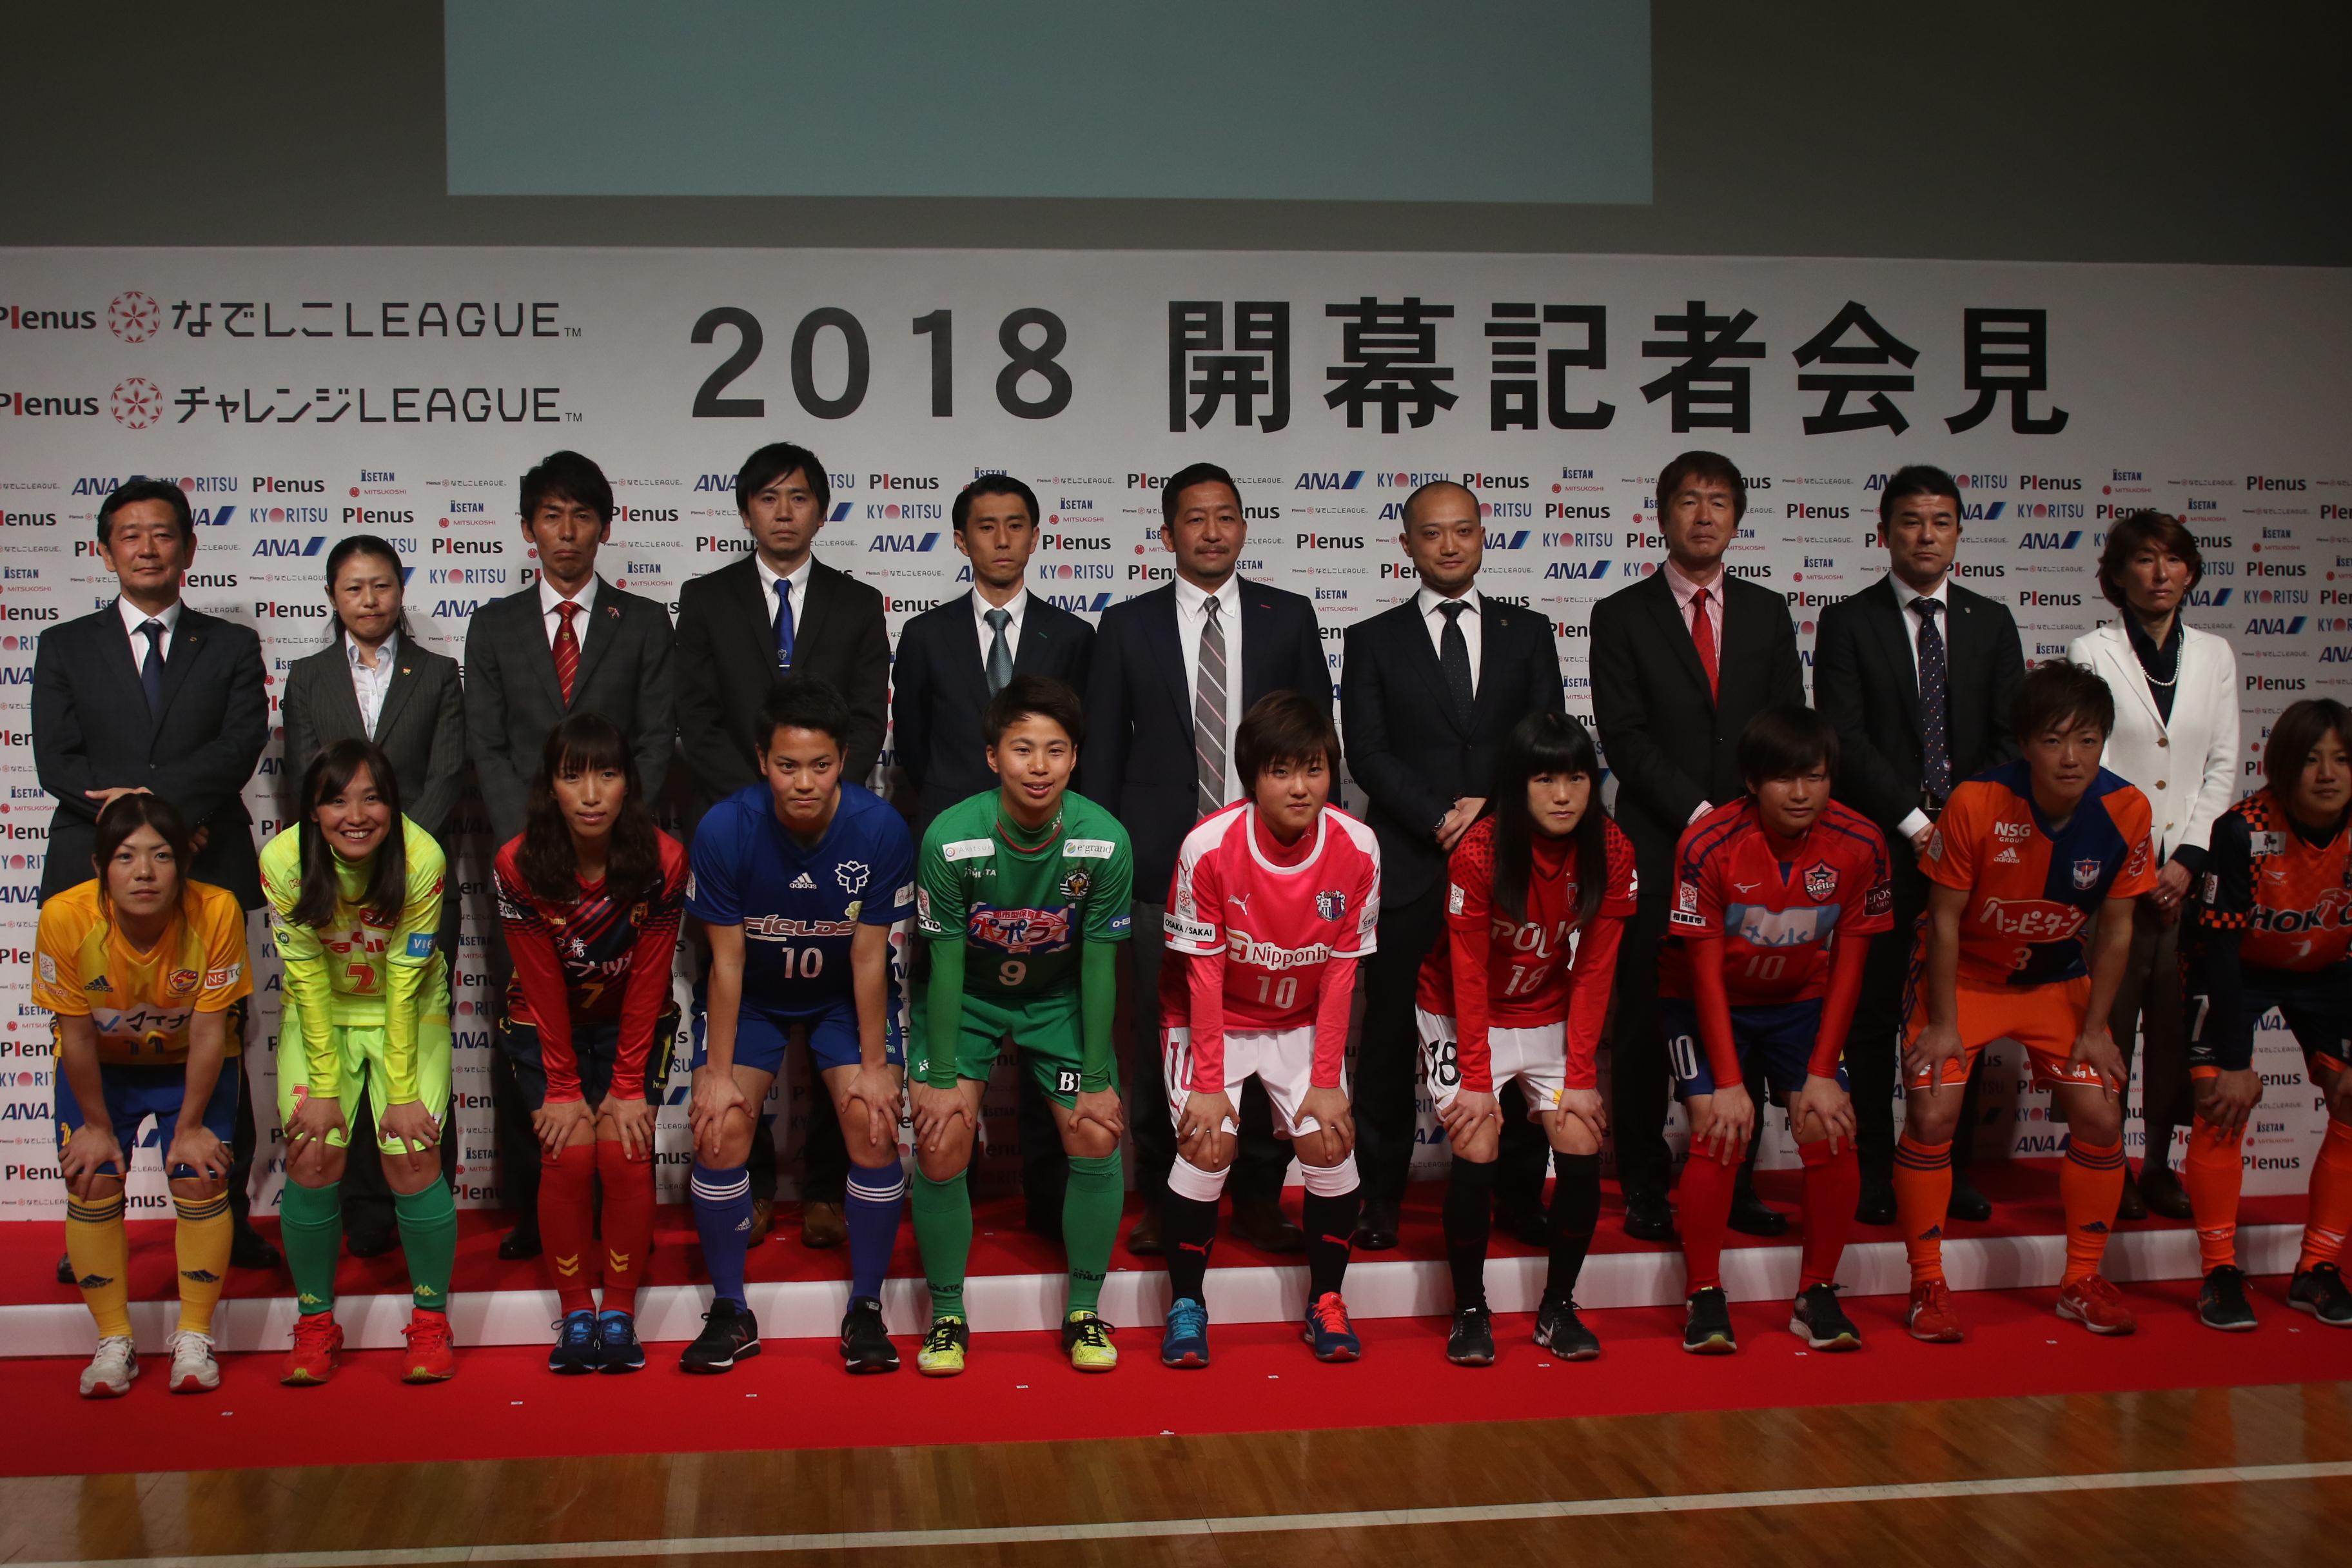 日本女子サッカーリーグは、今季のプレナスなでしこリーグ1部の試合がインターネットでライブ配信されることを発表した【写真:Football ZONE web】